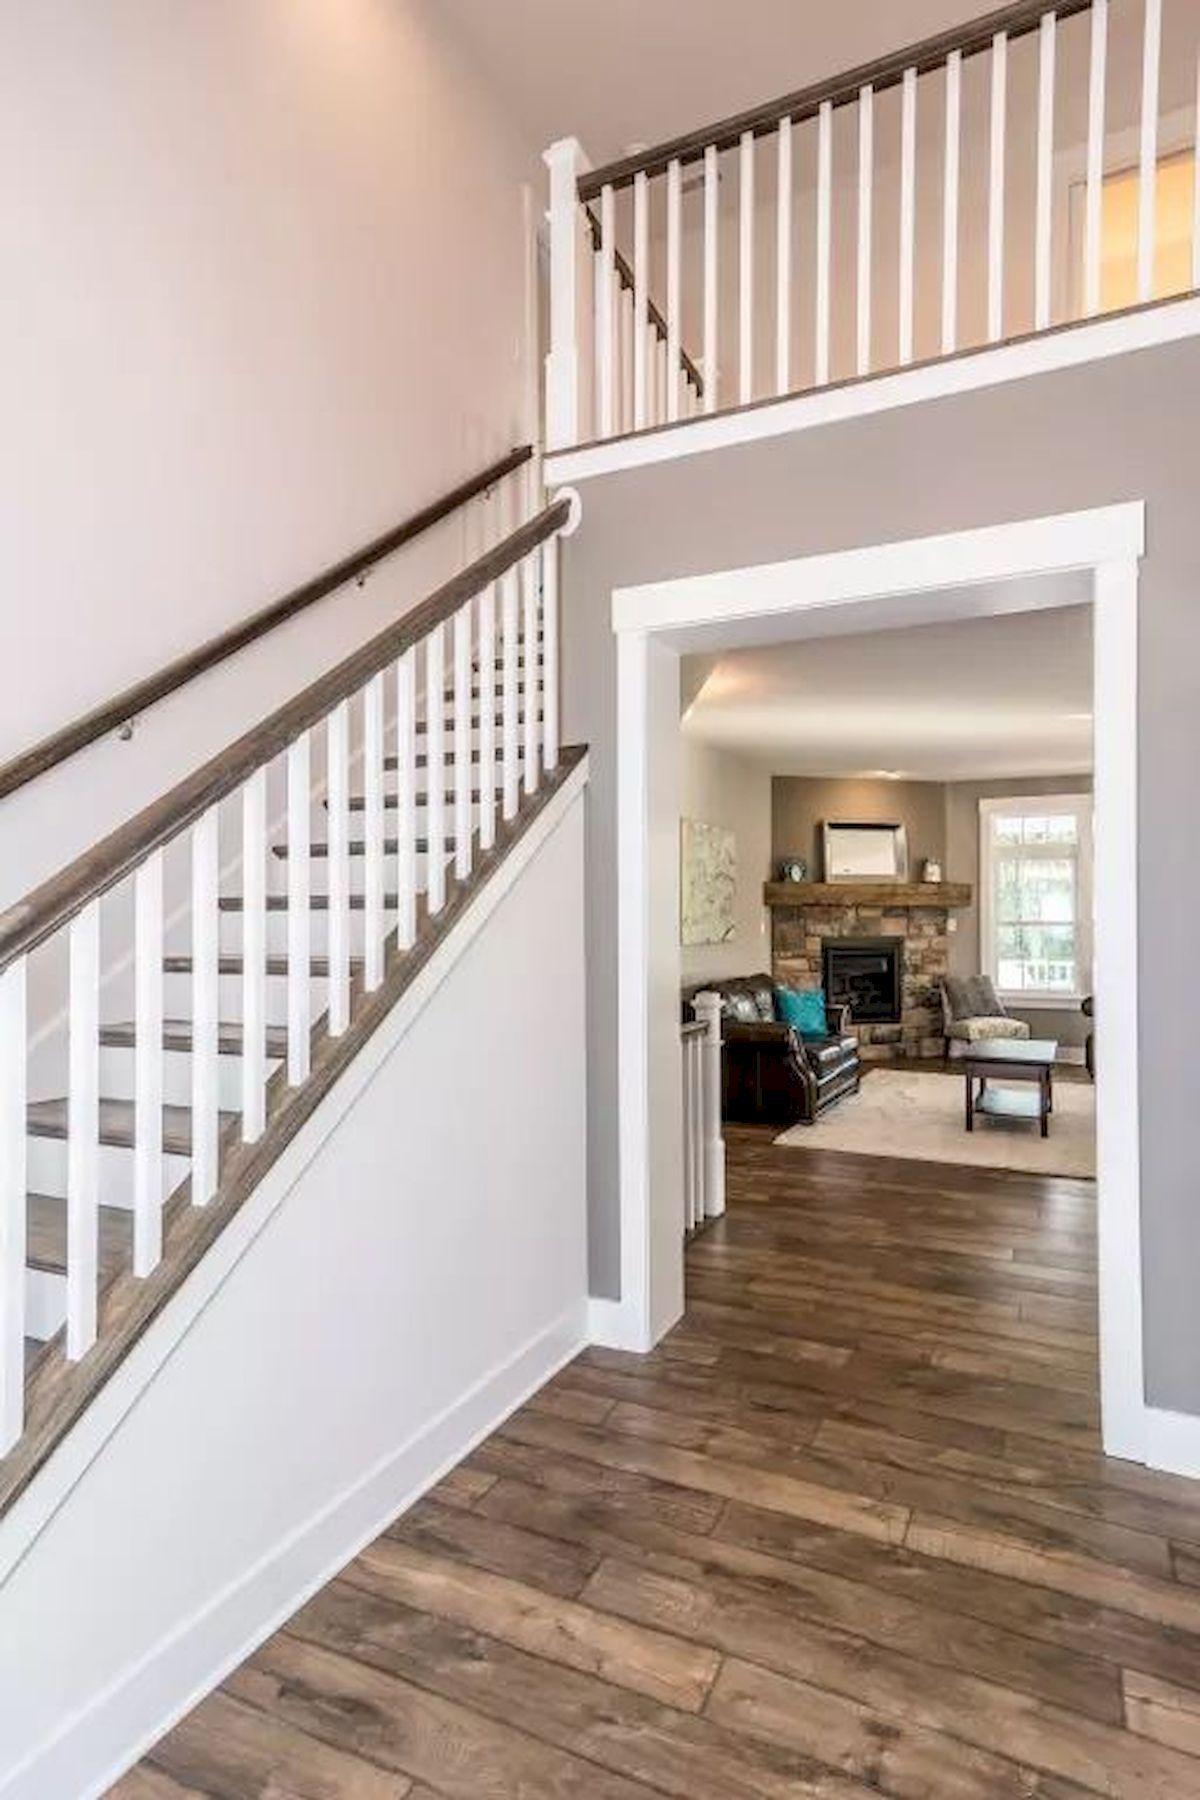 60 awesome farmhouse flooring design ideas and decor on floor and decor id=40559